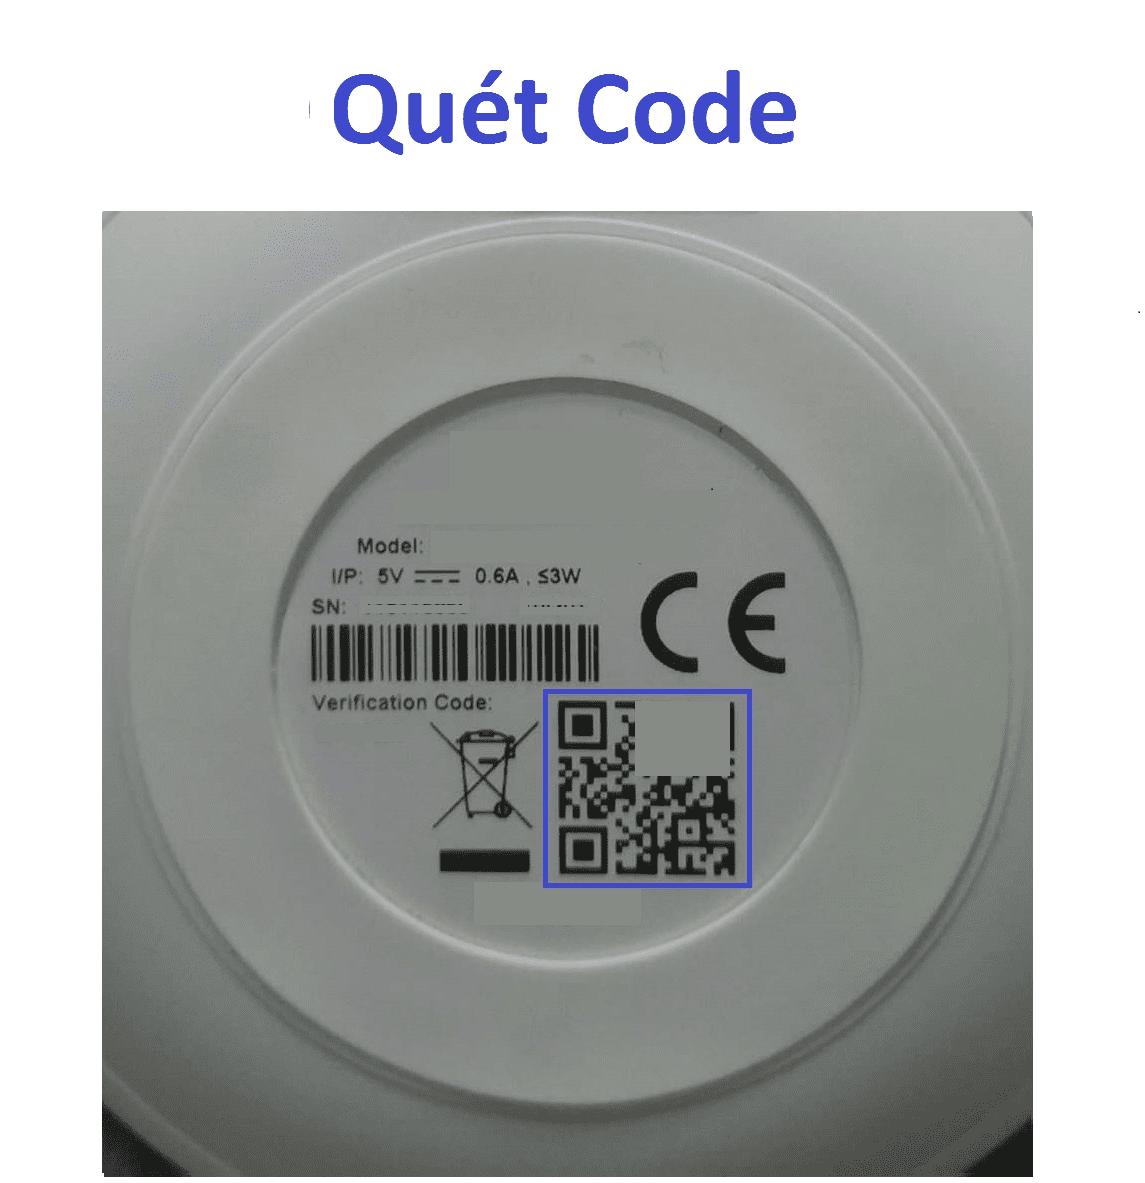 quét code trên thiết bị camera wifi